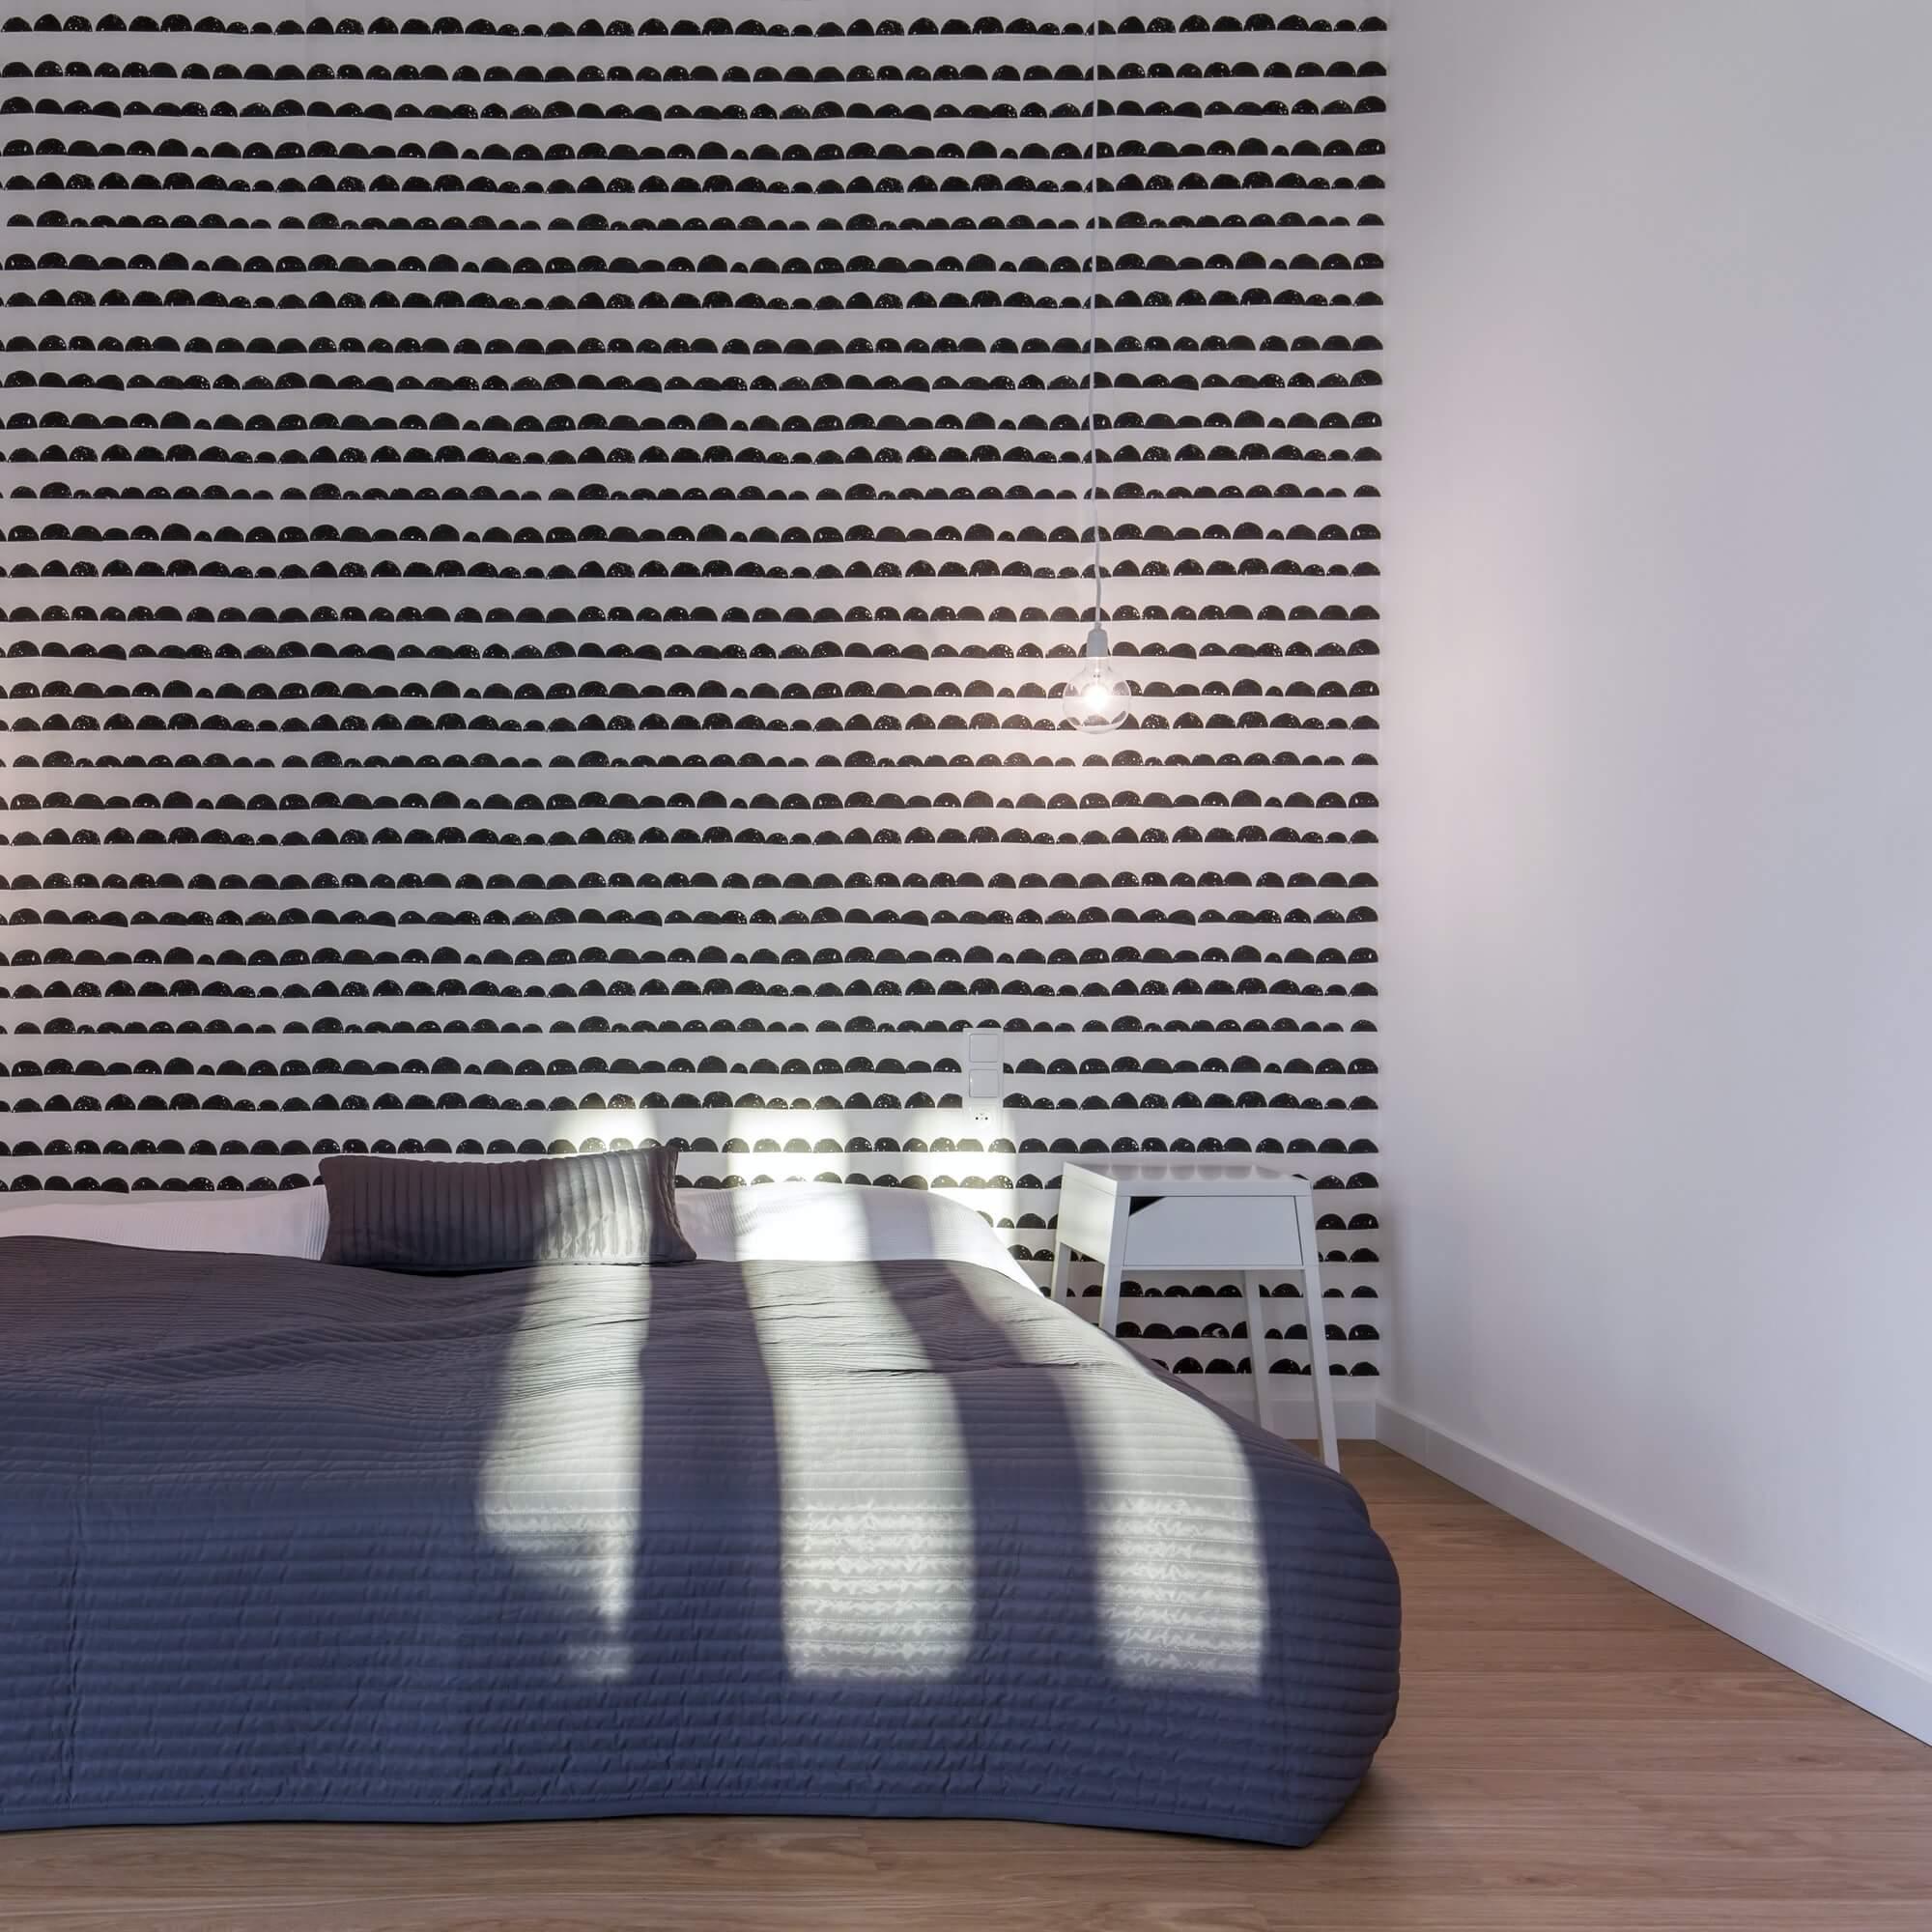 Slaapkamer voorzien van behangpapier? Bonheiden en Mechelen niels viaene behanger